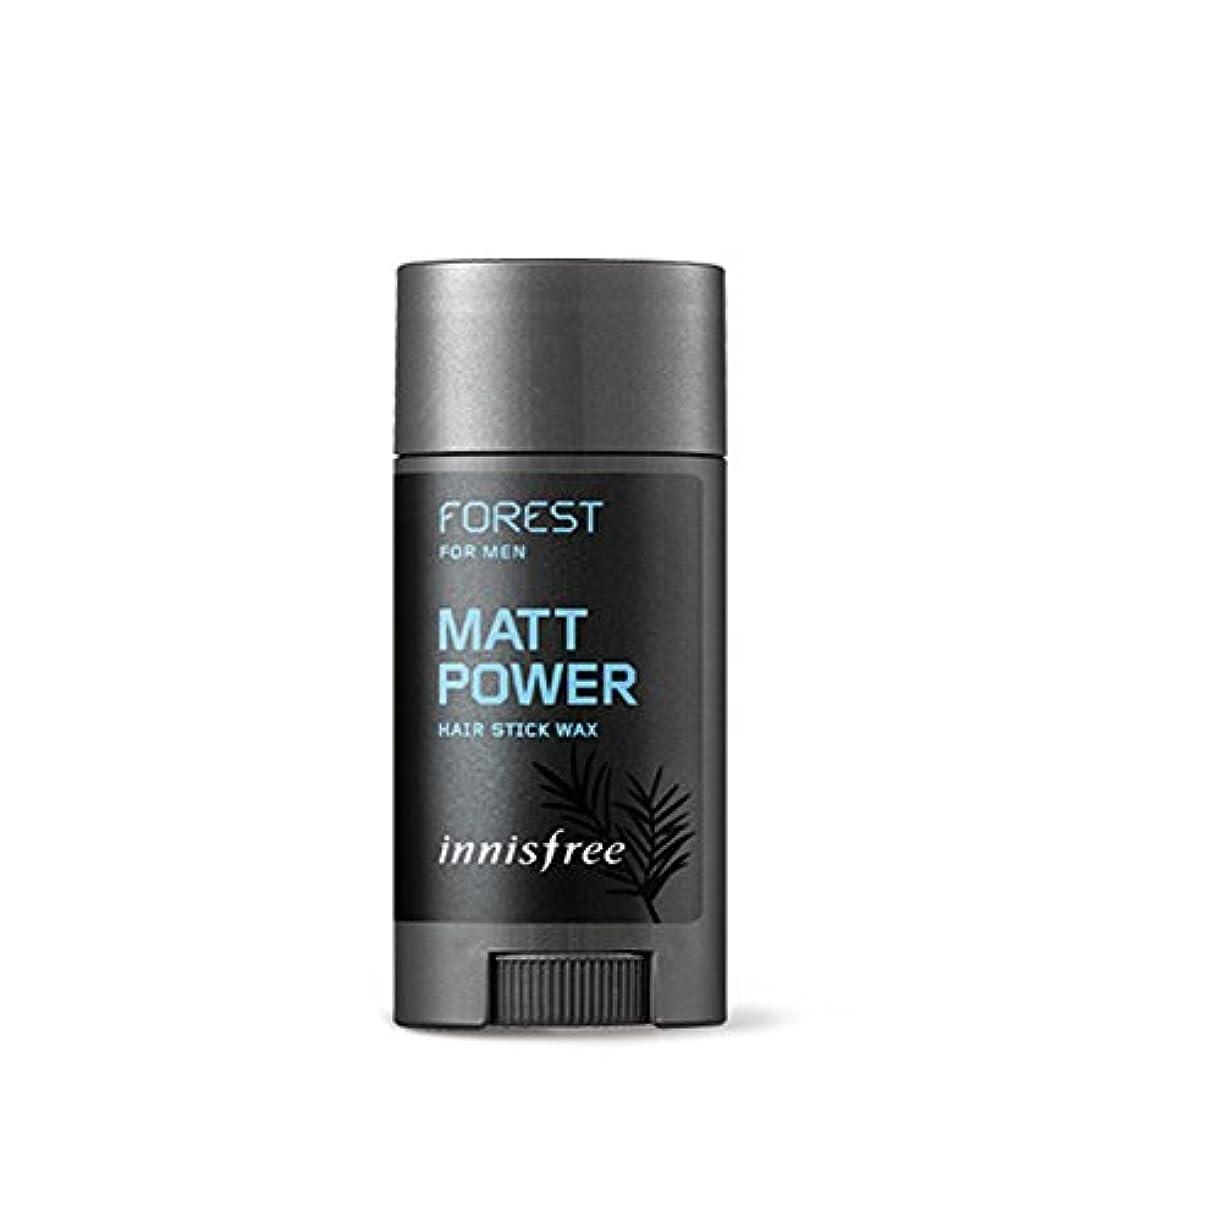 ドライブ化粧寛解イニスフリーフォレストメンズヘアスティックワックス、マットパワー15g / Innisfree Forest for Men Hair Stick Wax, Matt Power 15g [並行輸入品][海外直送品]